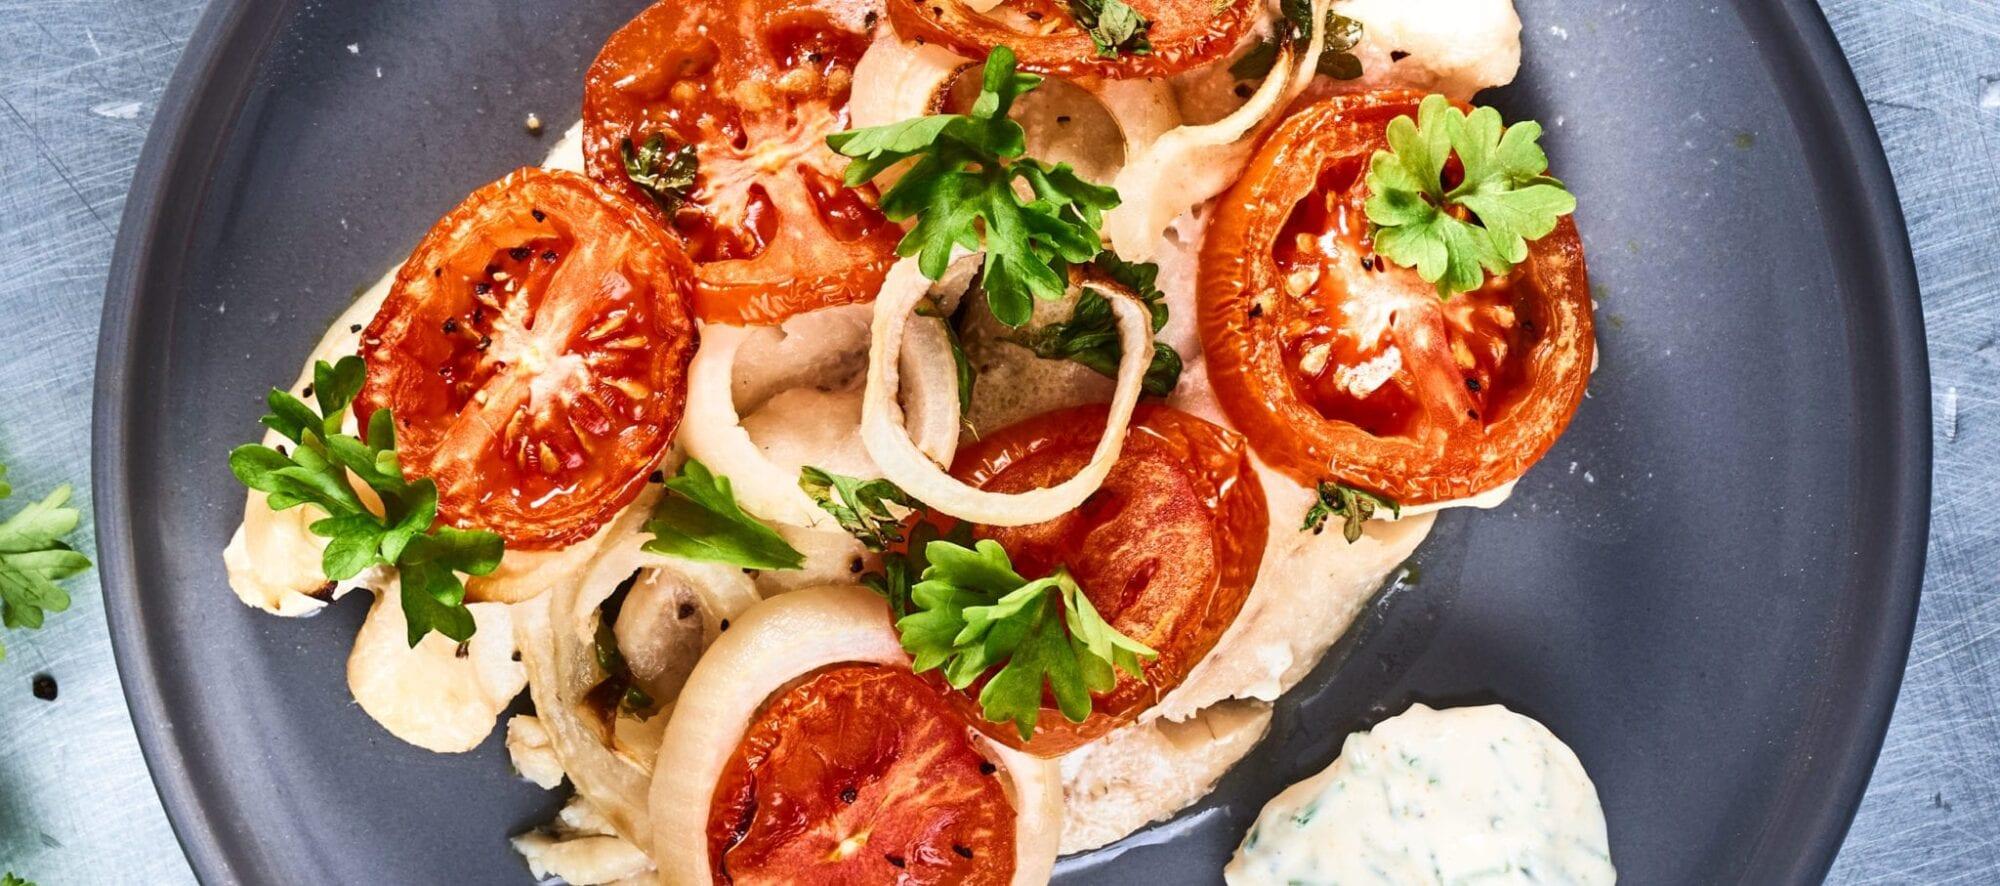 ovndampet-torsk-med-tomat-og-log